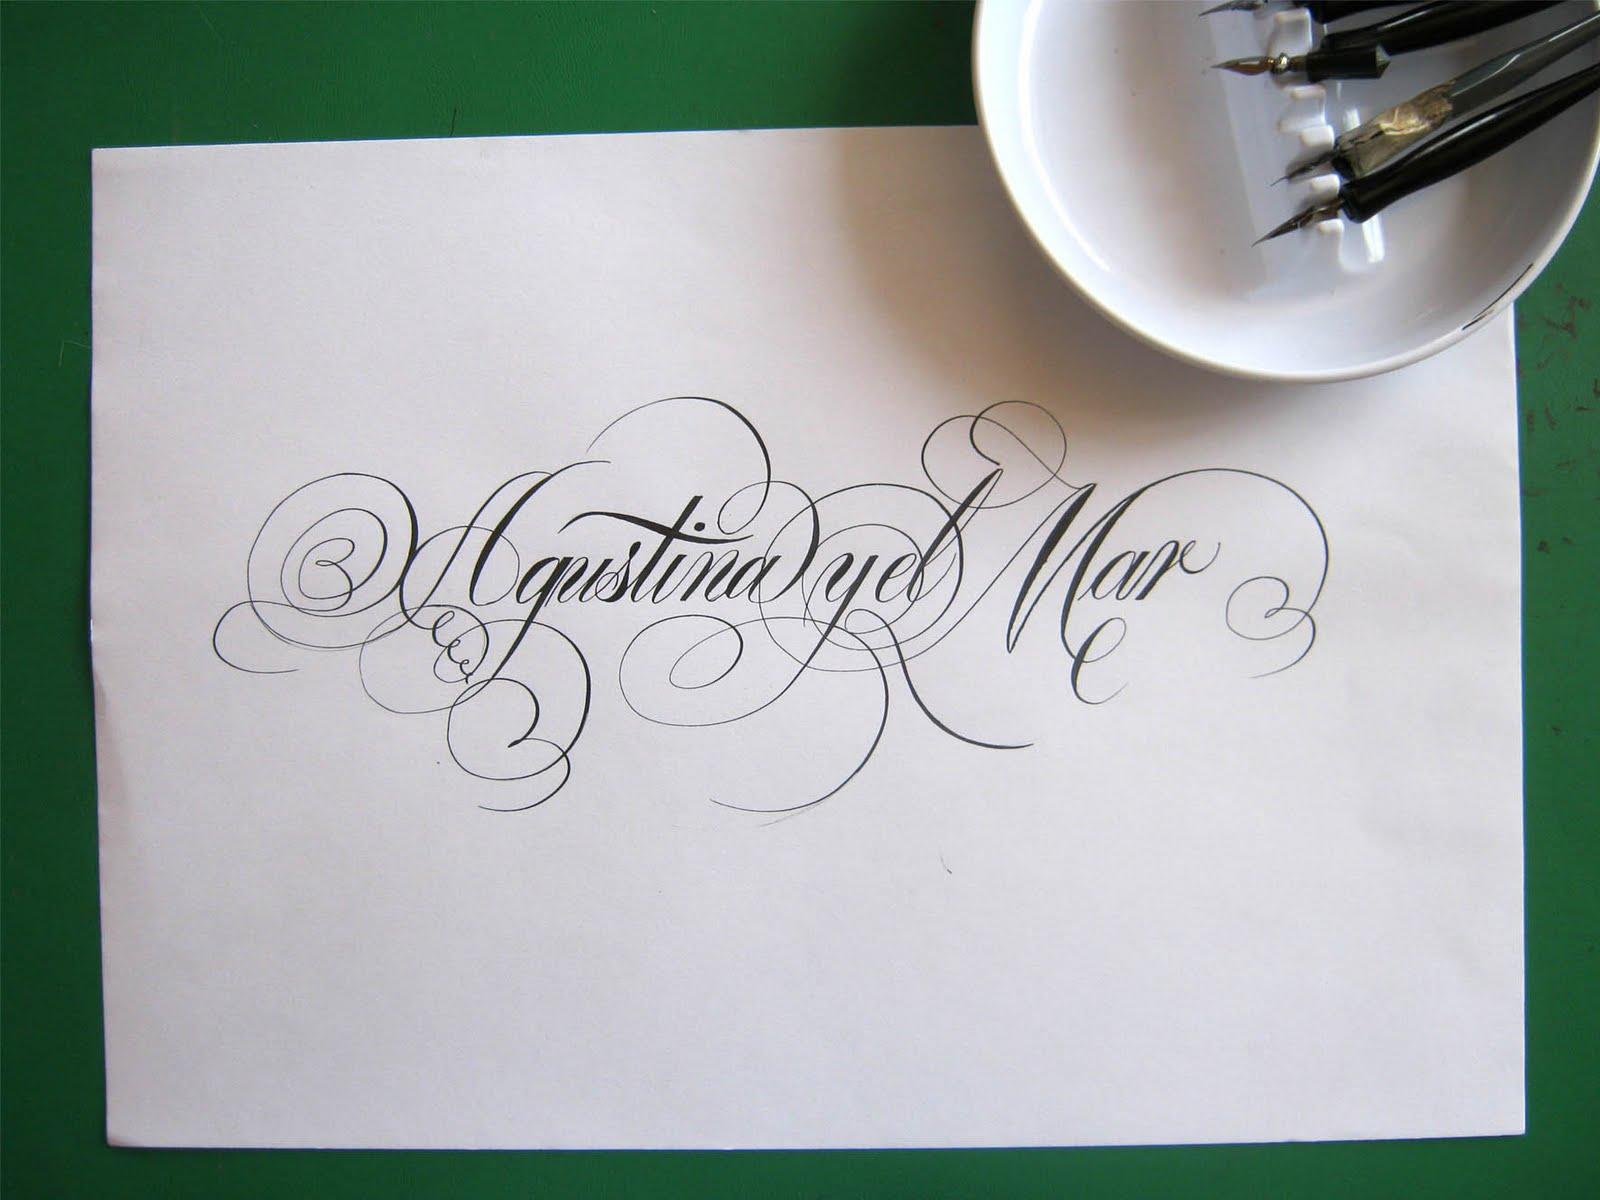 Abecedario De Letras Cursivas Para Tatuajes